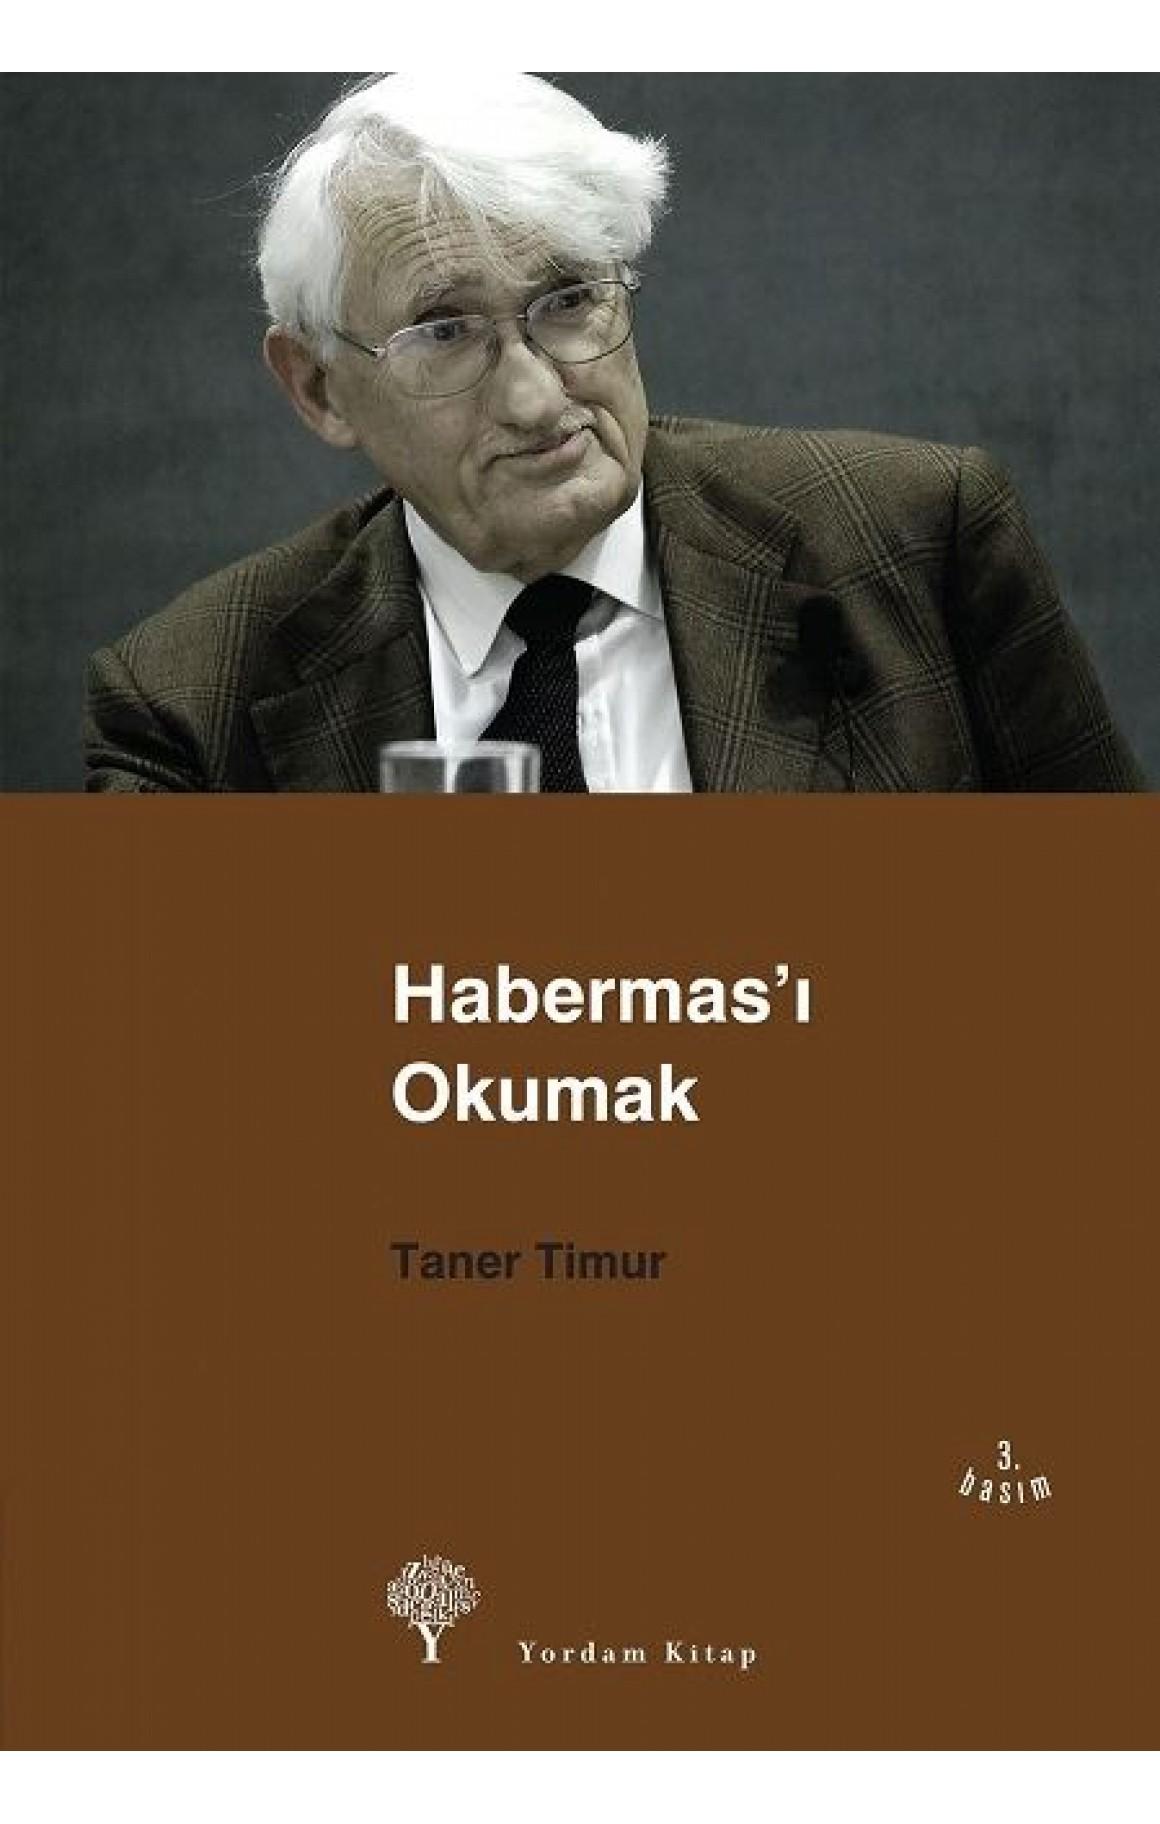 Habermas'ı Okumak